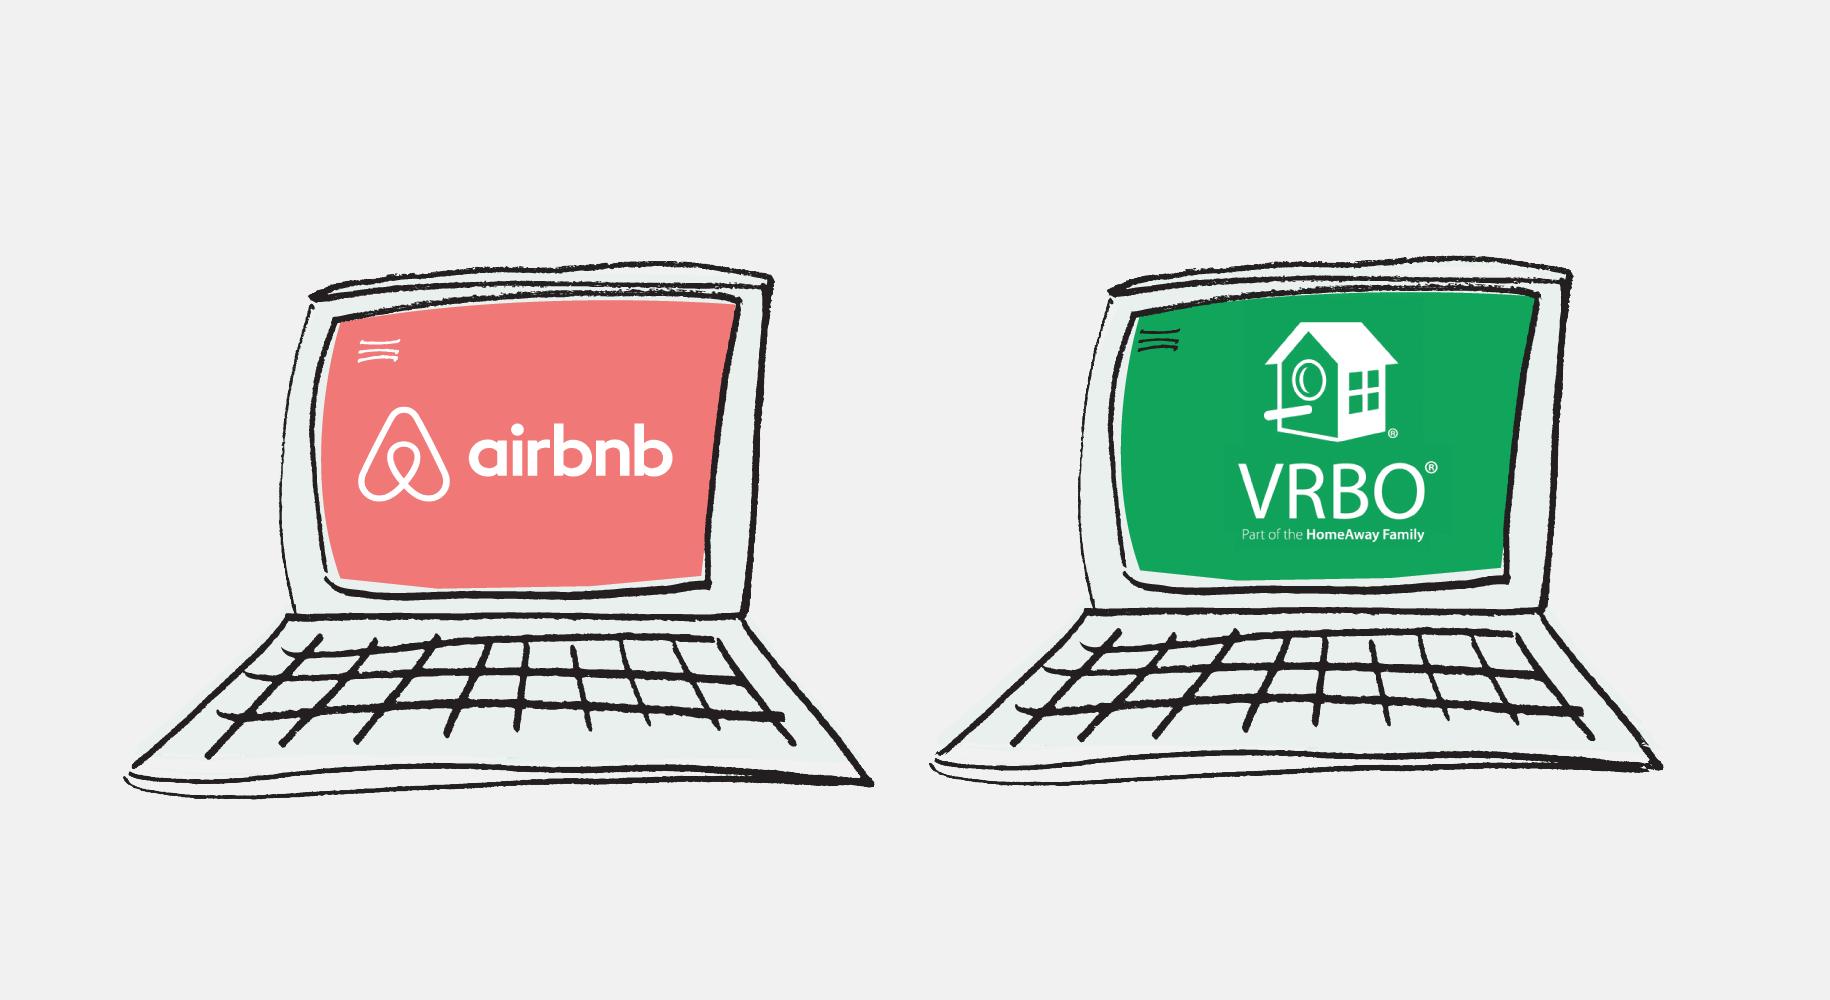 airbnb vs vrbo